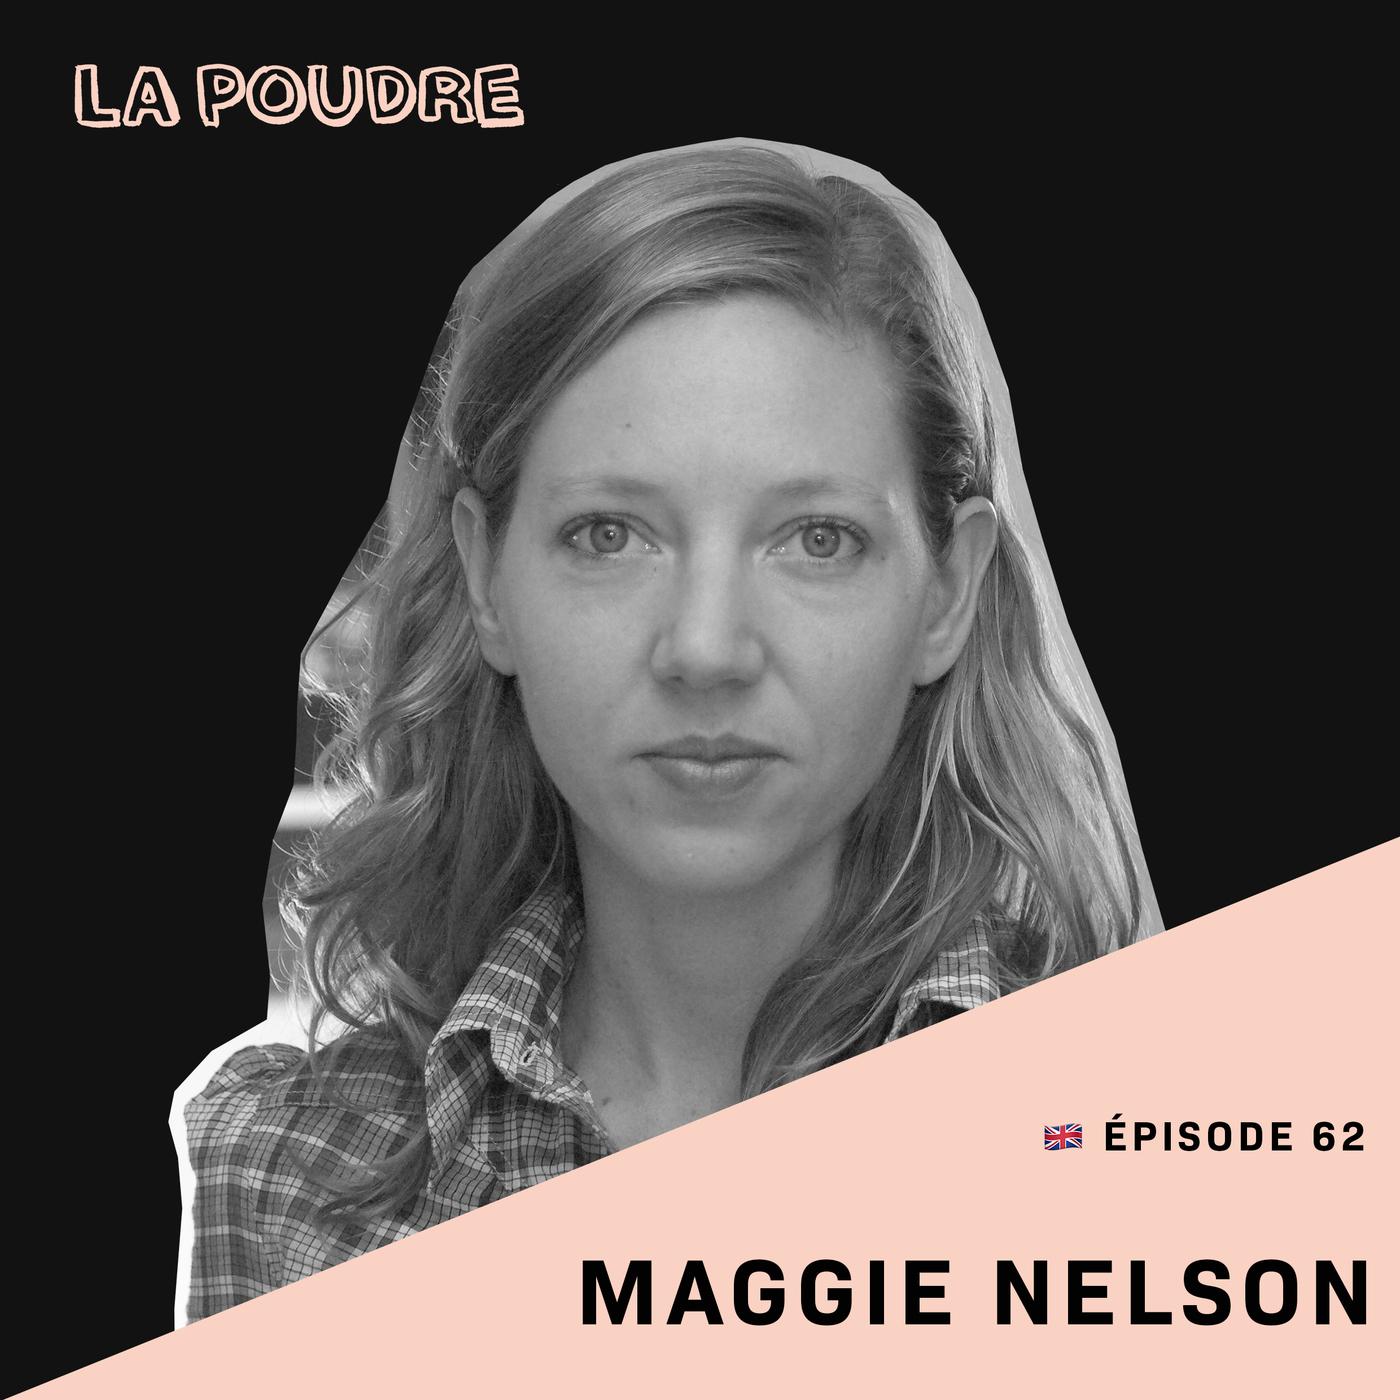 Épisode 62 - Maggie Nelson - (doublé en français)